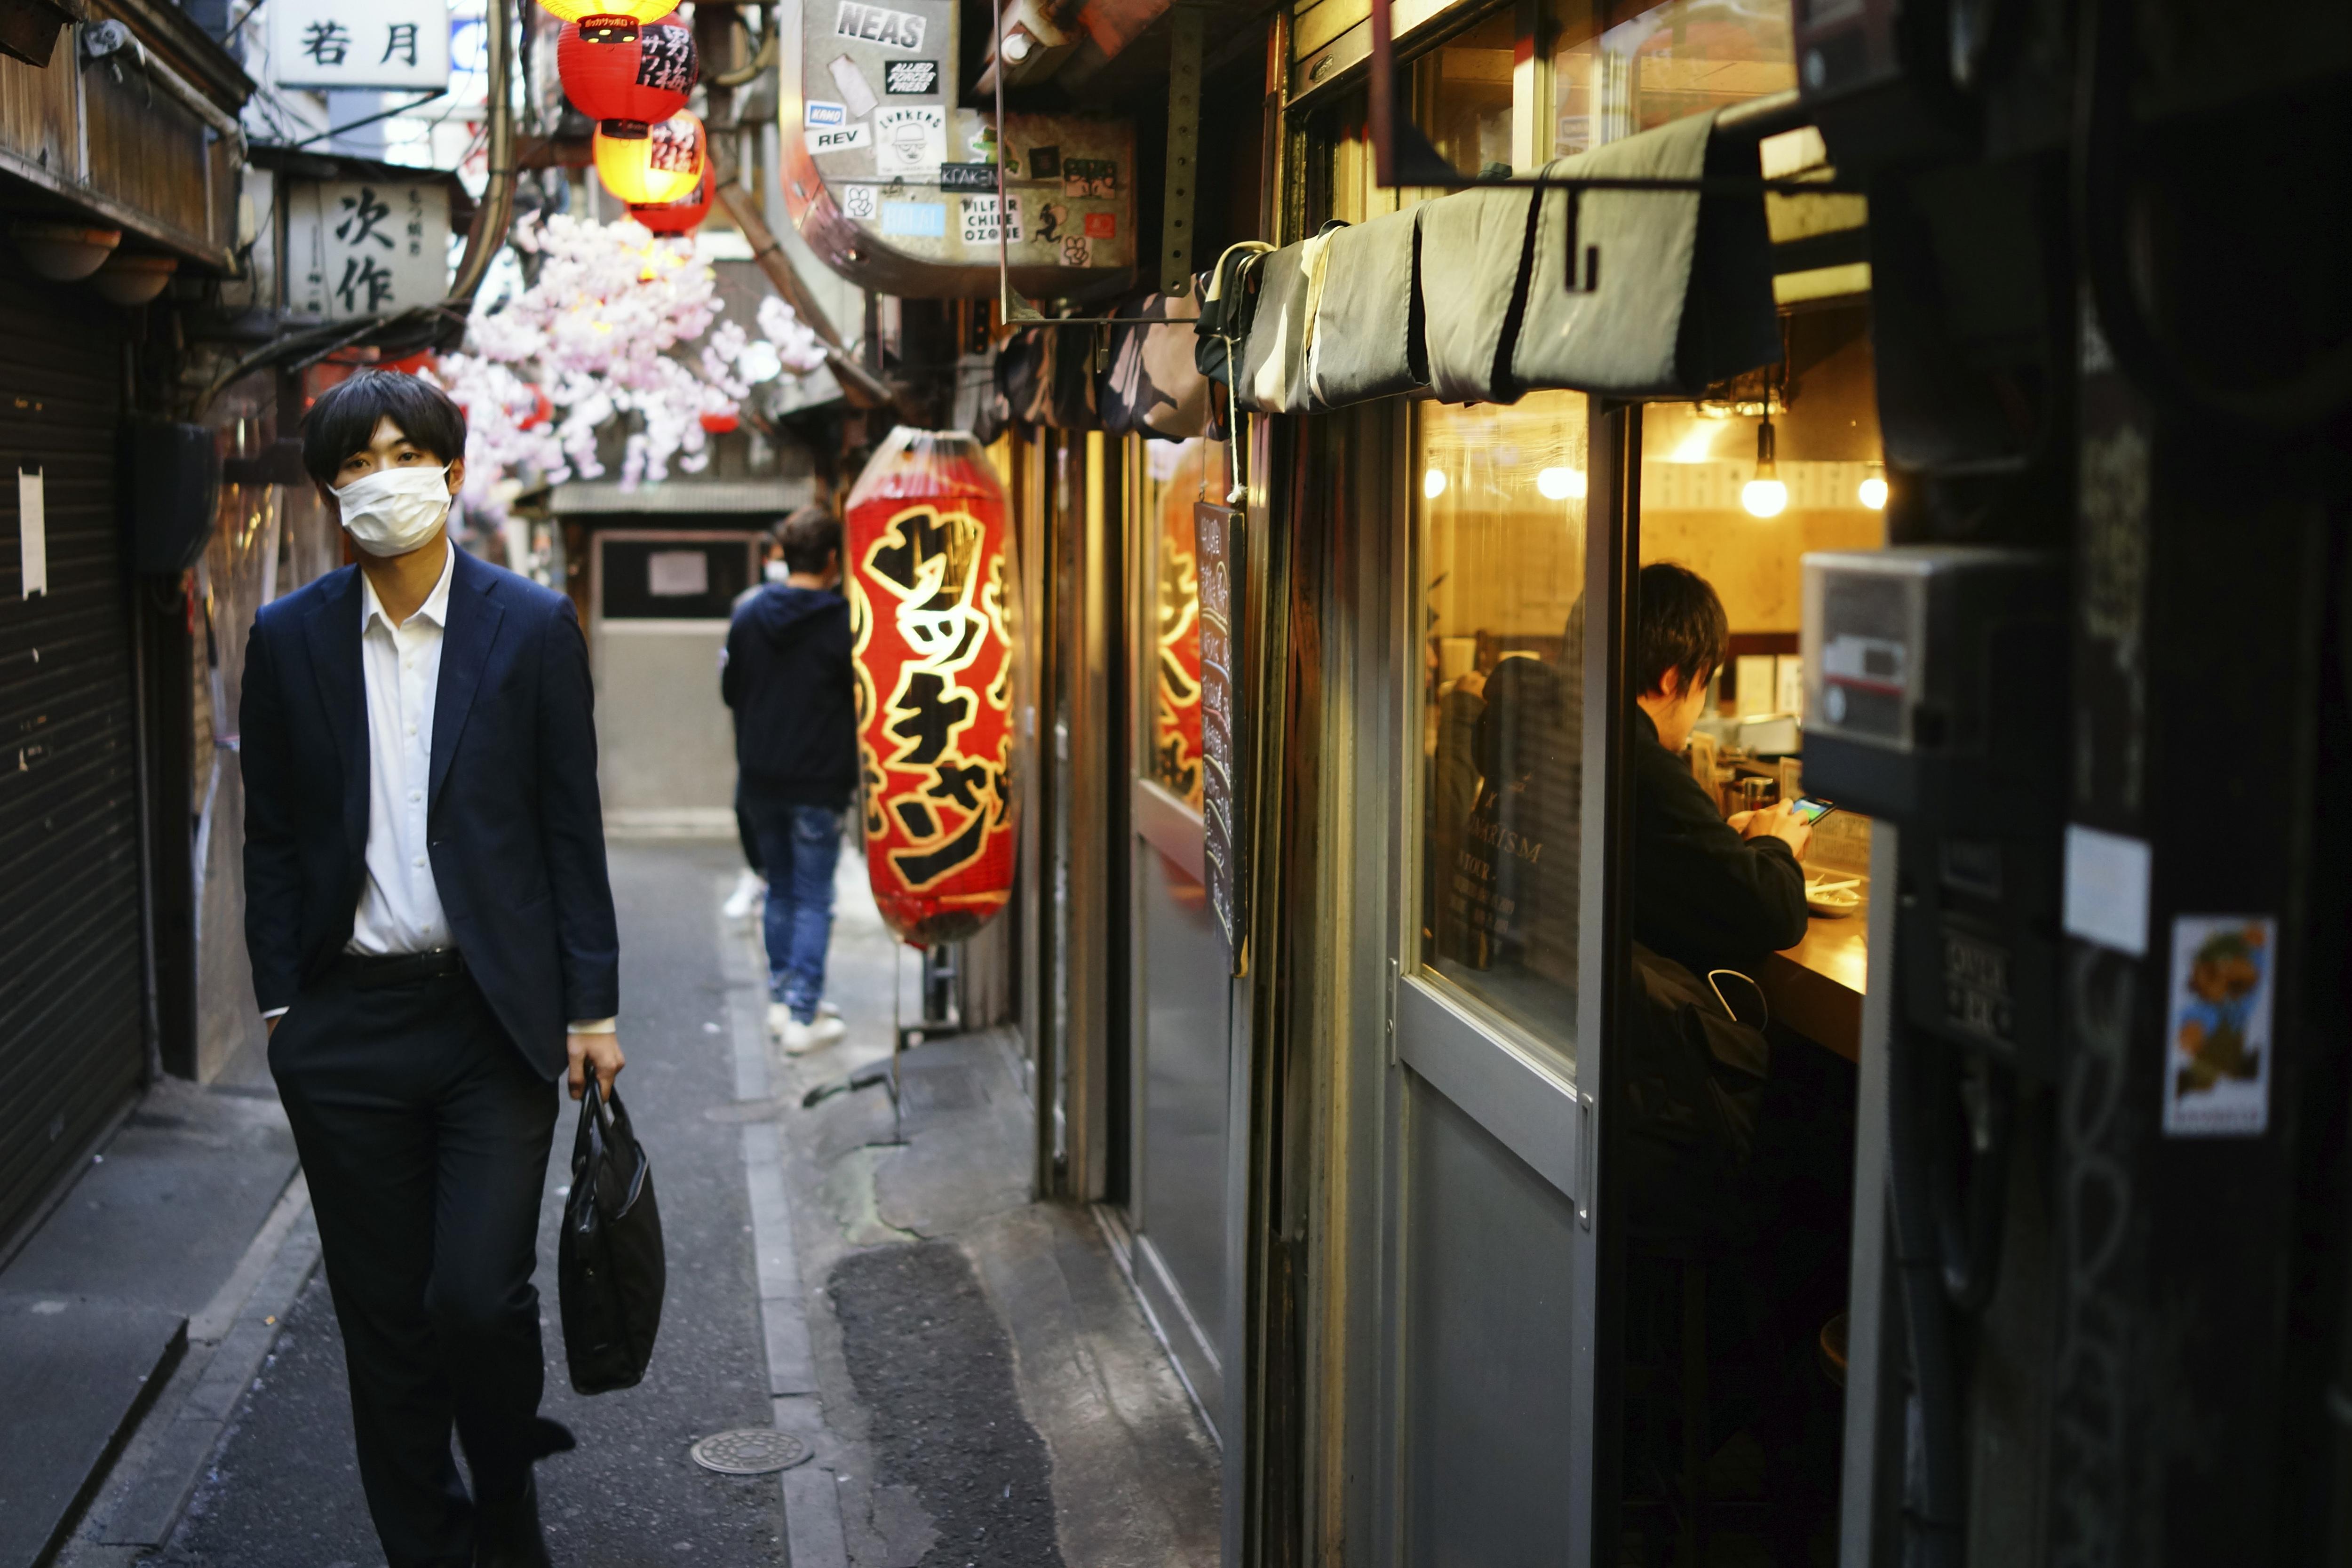 2020年4月,日本新冠肺炎疫清遲遲無法緩解,經濟活動大受影響(AP)